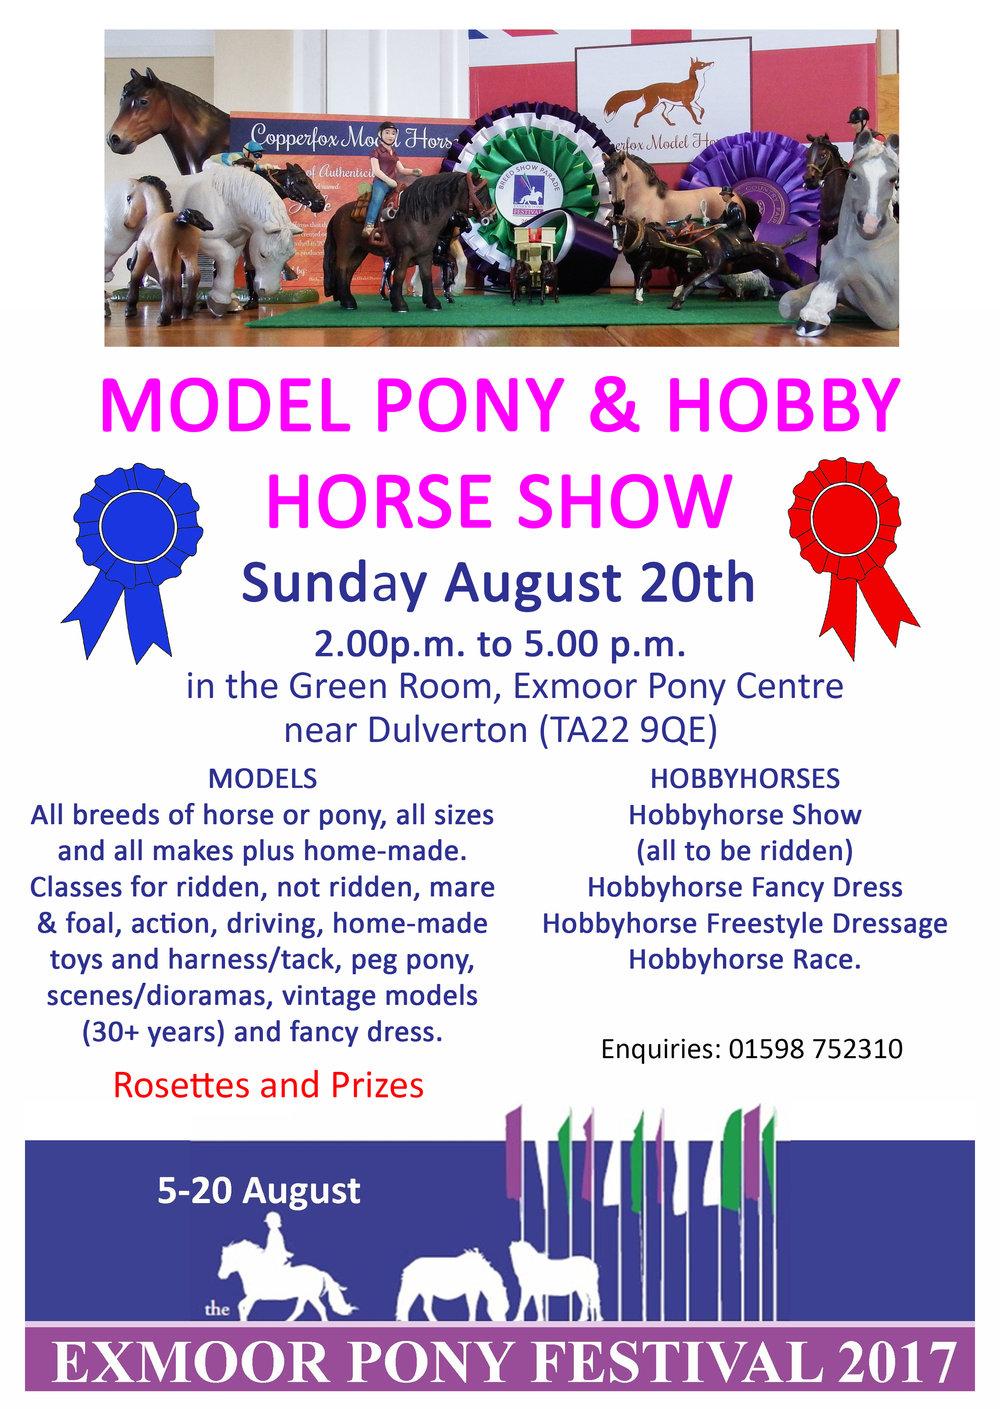 model pony show poster revised 2.jpg